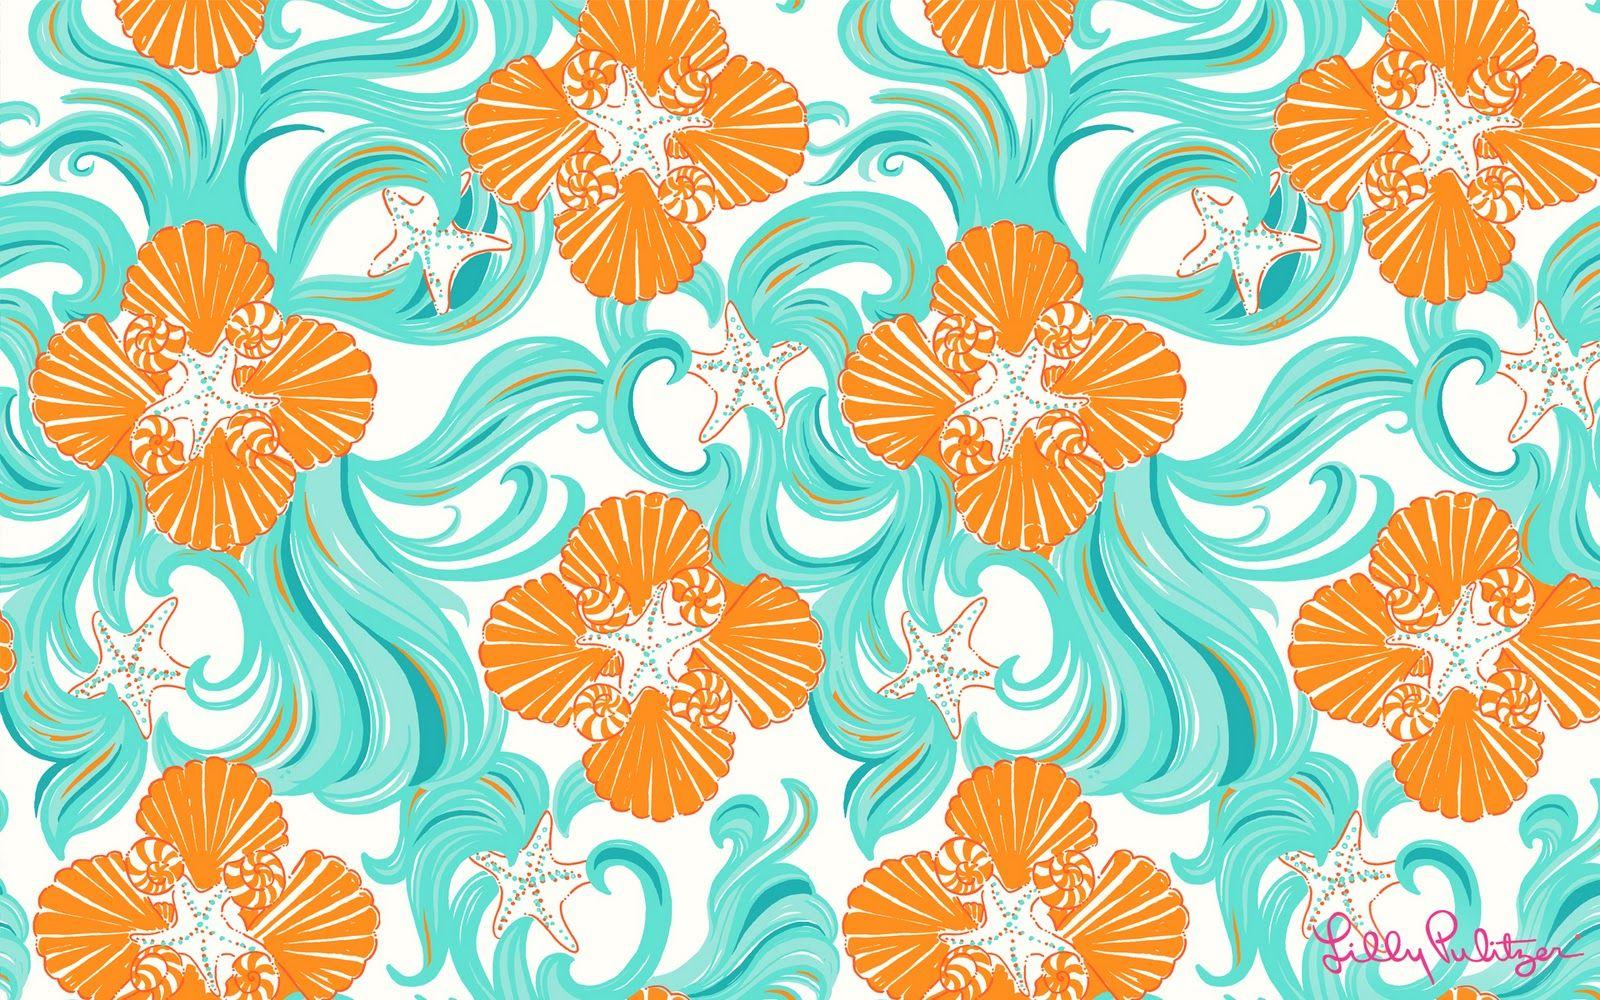 Lilly Desktop Wallpaper Computer Wallpaper Desktop Wallpapers Print Decals Wallpaper Iphone Cute